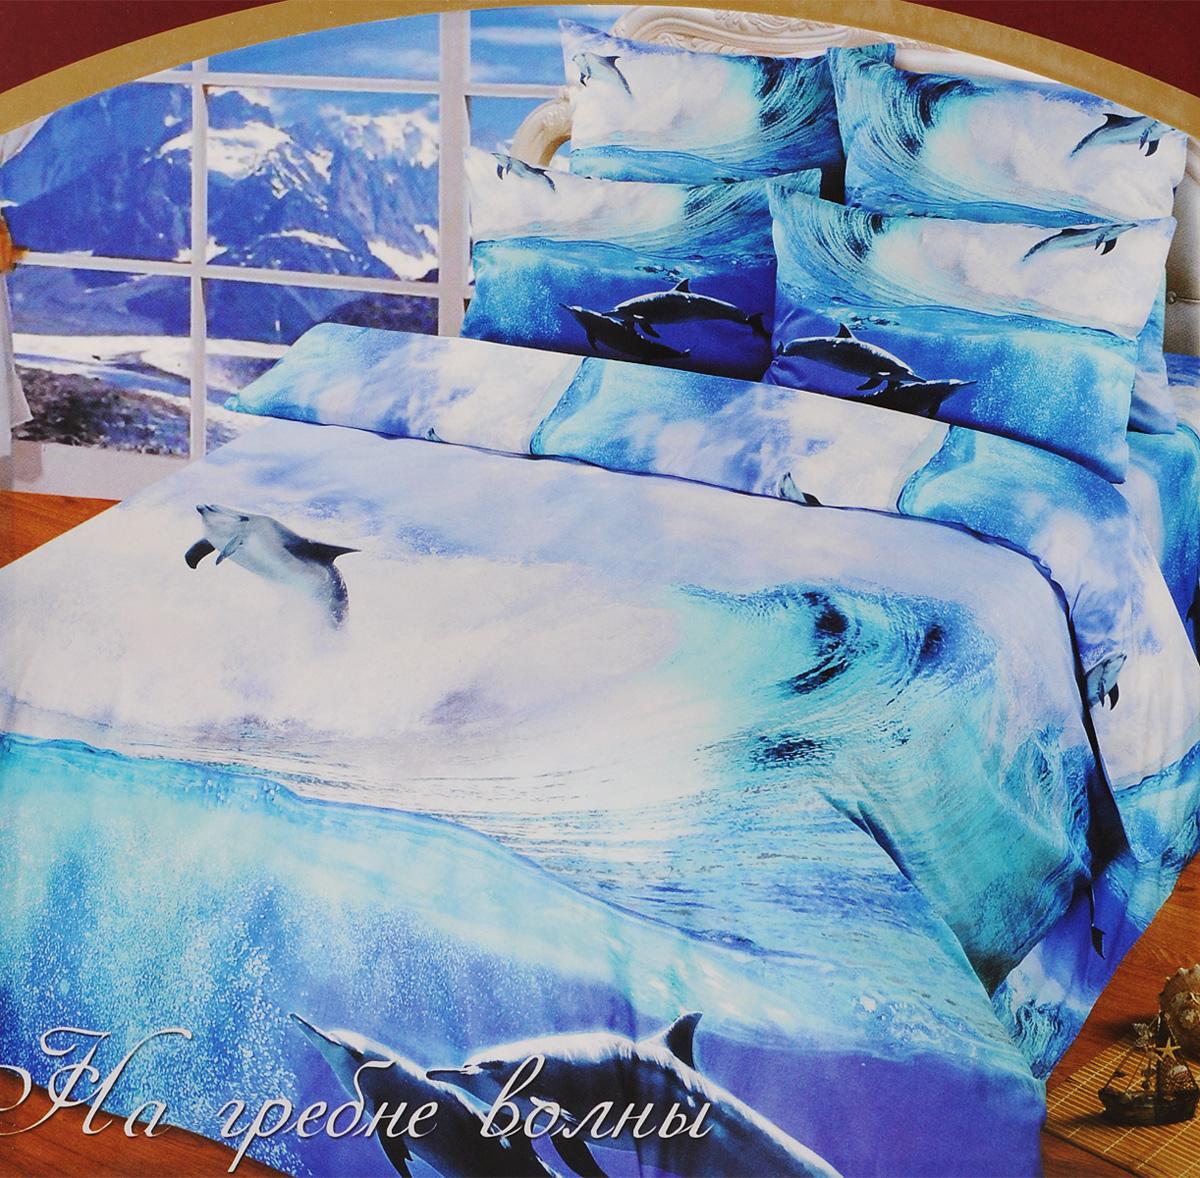 Комплект белья Арт Постель На гребне волны, 2-спальный, наволочки 70х70, 50х70756Комплект постельного белья Арт Постель На гребне волны, выполненный из сатина (100% хлопка), создан для комфорта и роскоши. Комплект состоит из пододеяльника, простыни и 4 наволочек и оформлен оригинальным рисунком. Сатин - хлопчатобумажная ткань полотняного переплетения, одна из самых красивых, прочных и приятных телу тканей, изготовленных из натурального волокна. Благодаря своей шелковистости и блеску сатин называют хлопковым шелком. Приобретая комплект постельного белья Арт Постель На гребне волны, вы можете быть уверенны в том, что покупка доставит вам и вашим близким удовольствие и подарит максимальный комфорт.